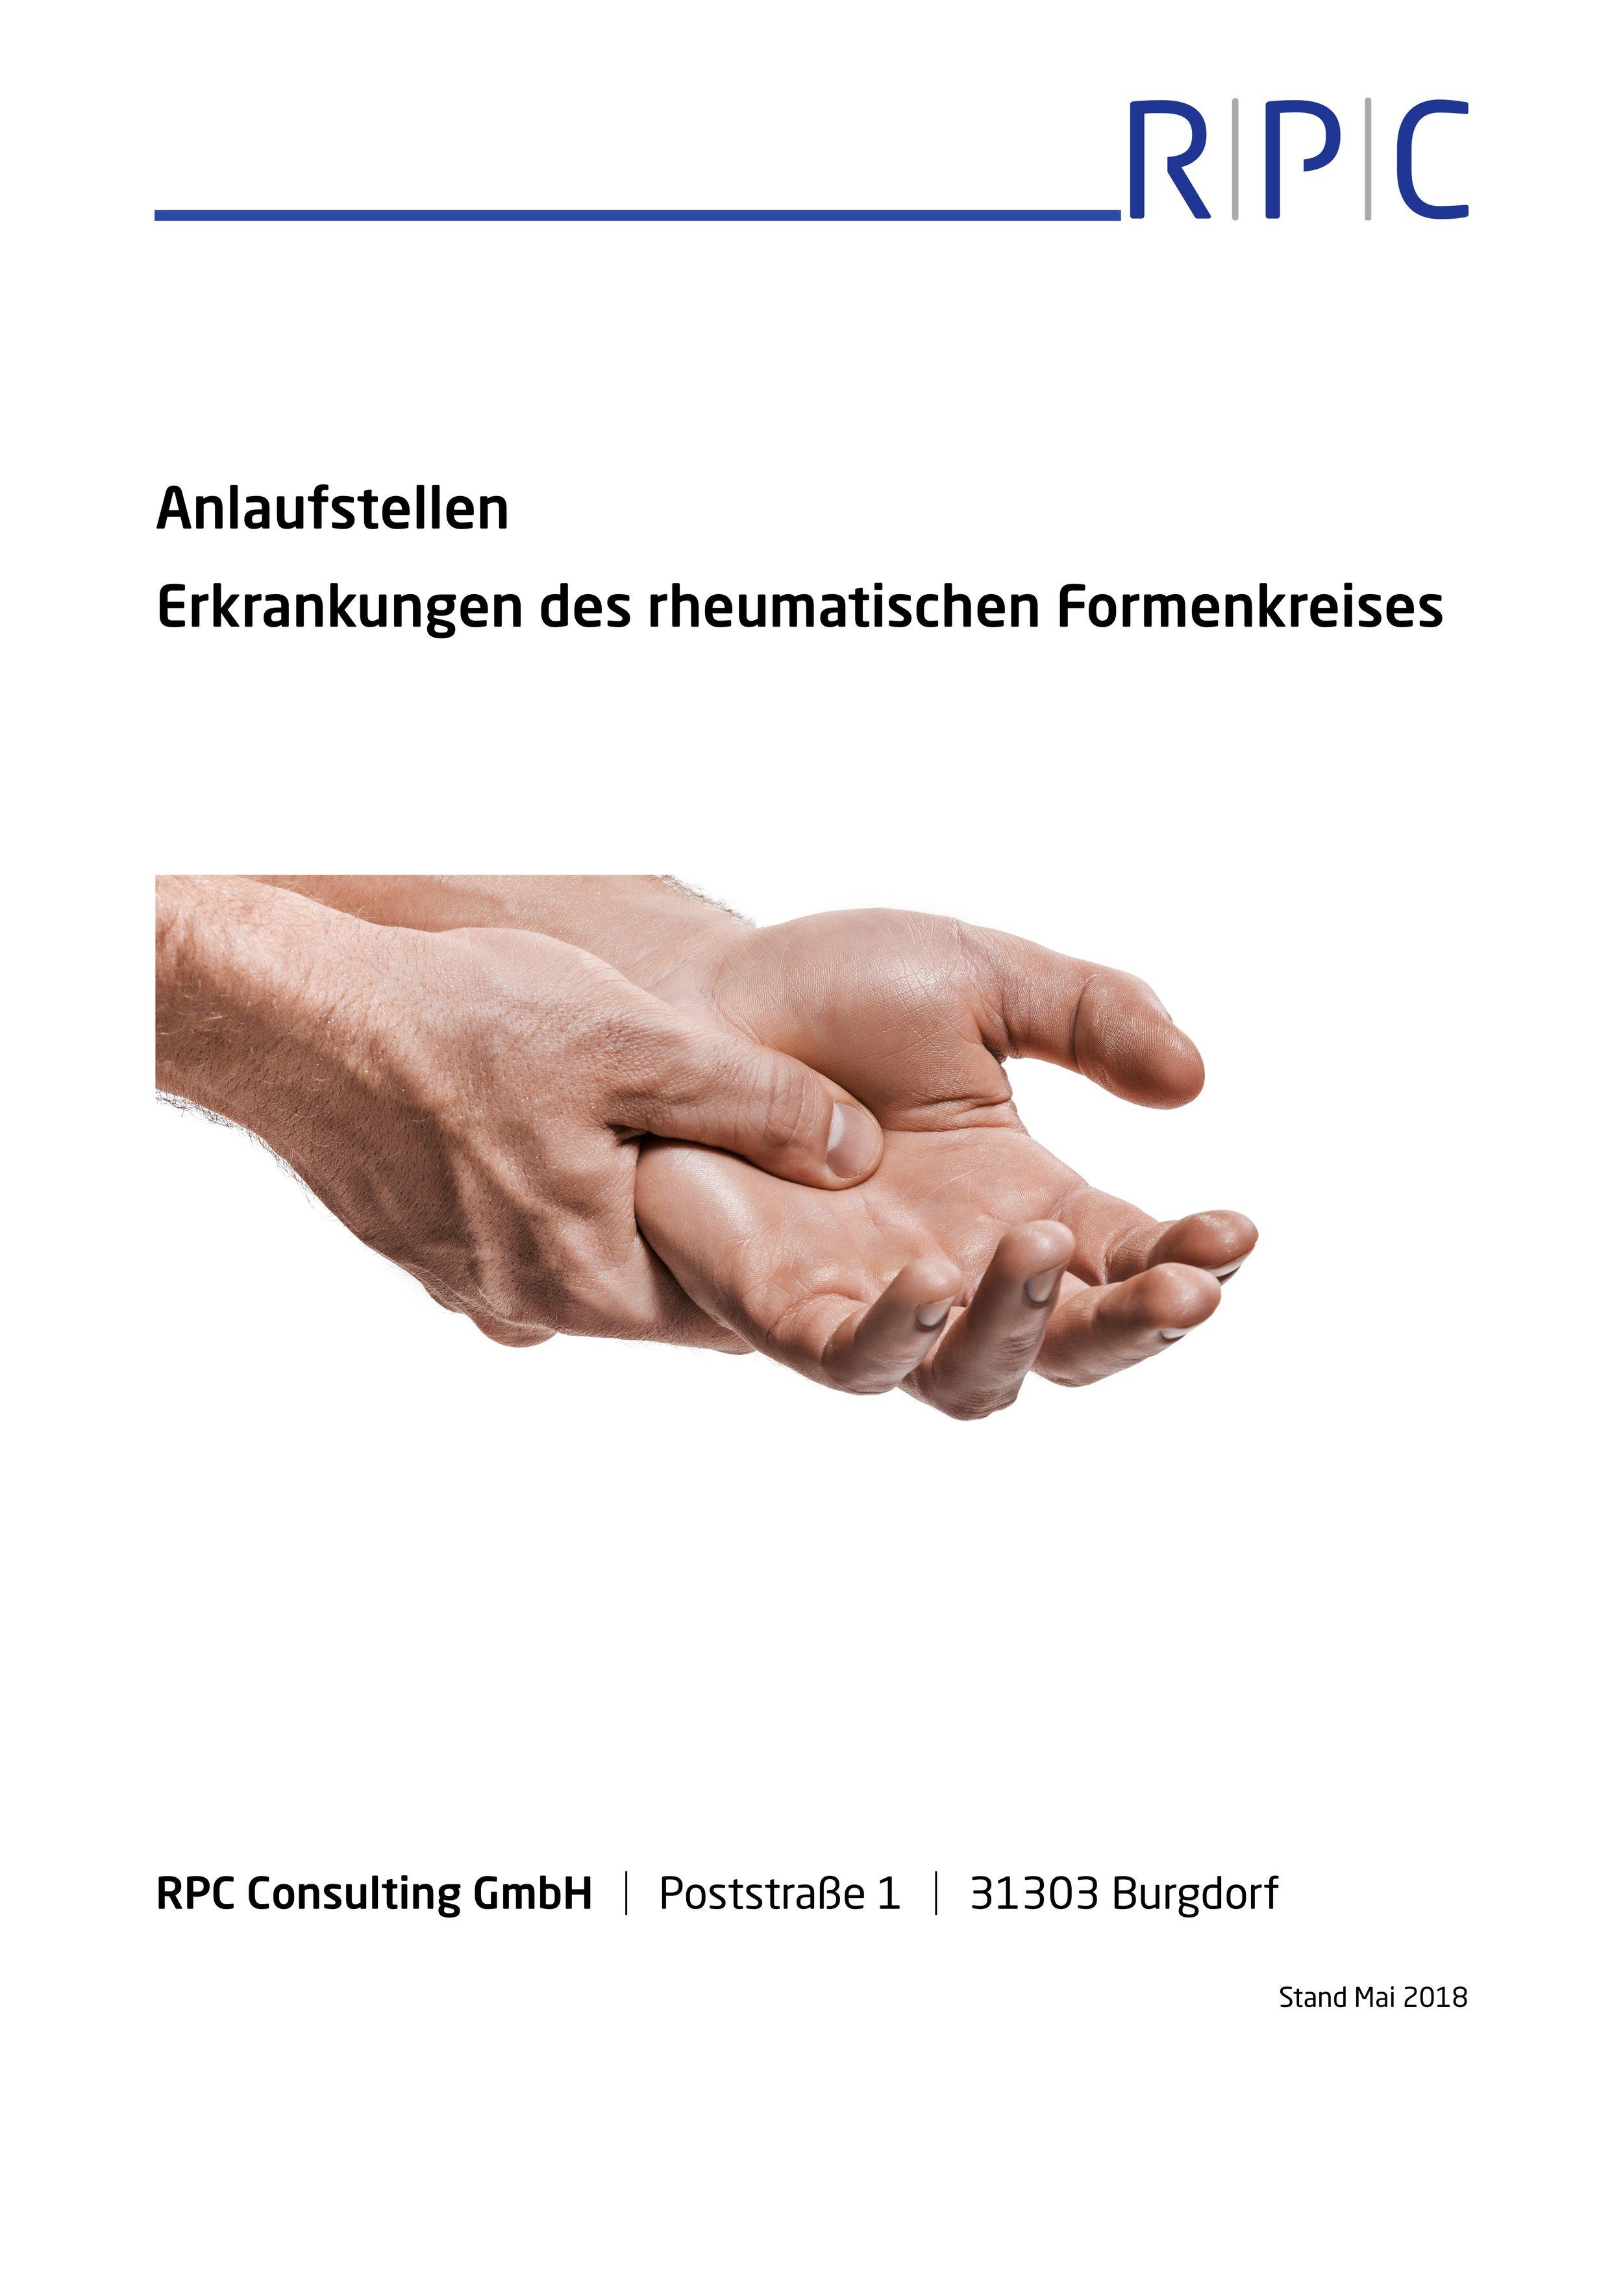 Rheuma - Anlaufstellen Erkrankungen des rheumatischen Formenkreises